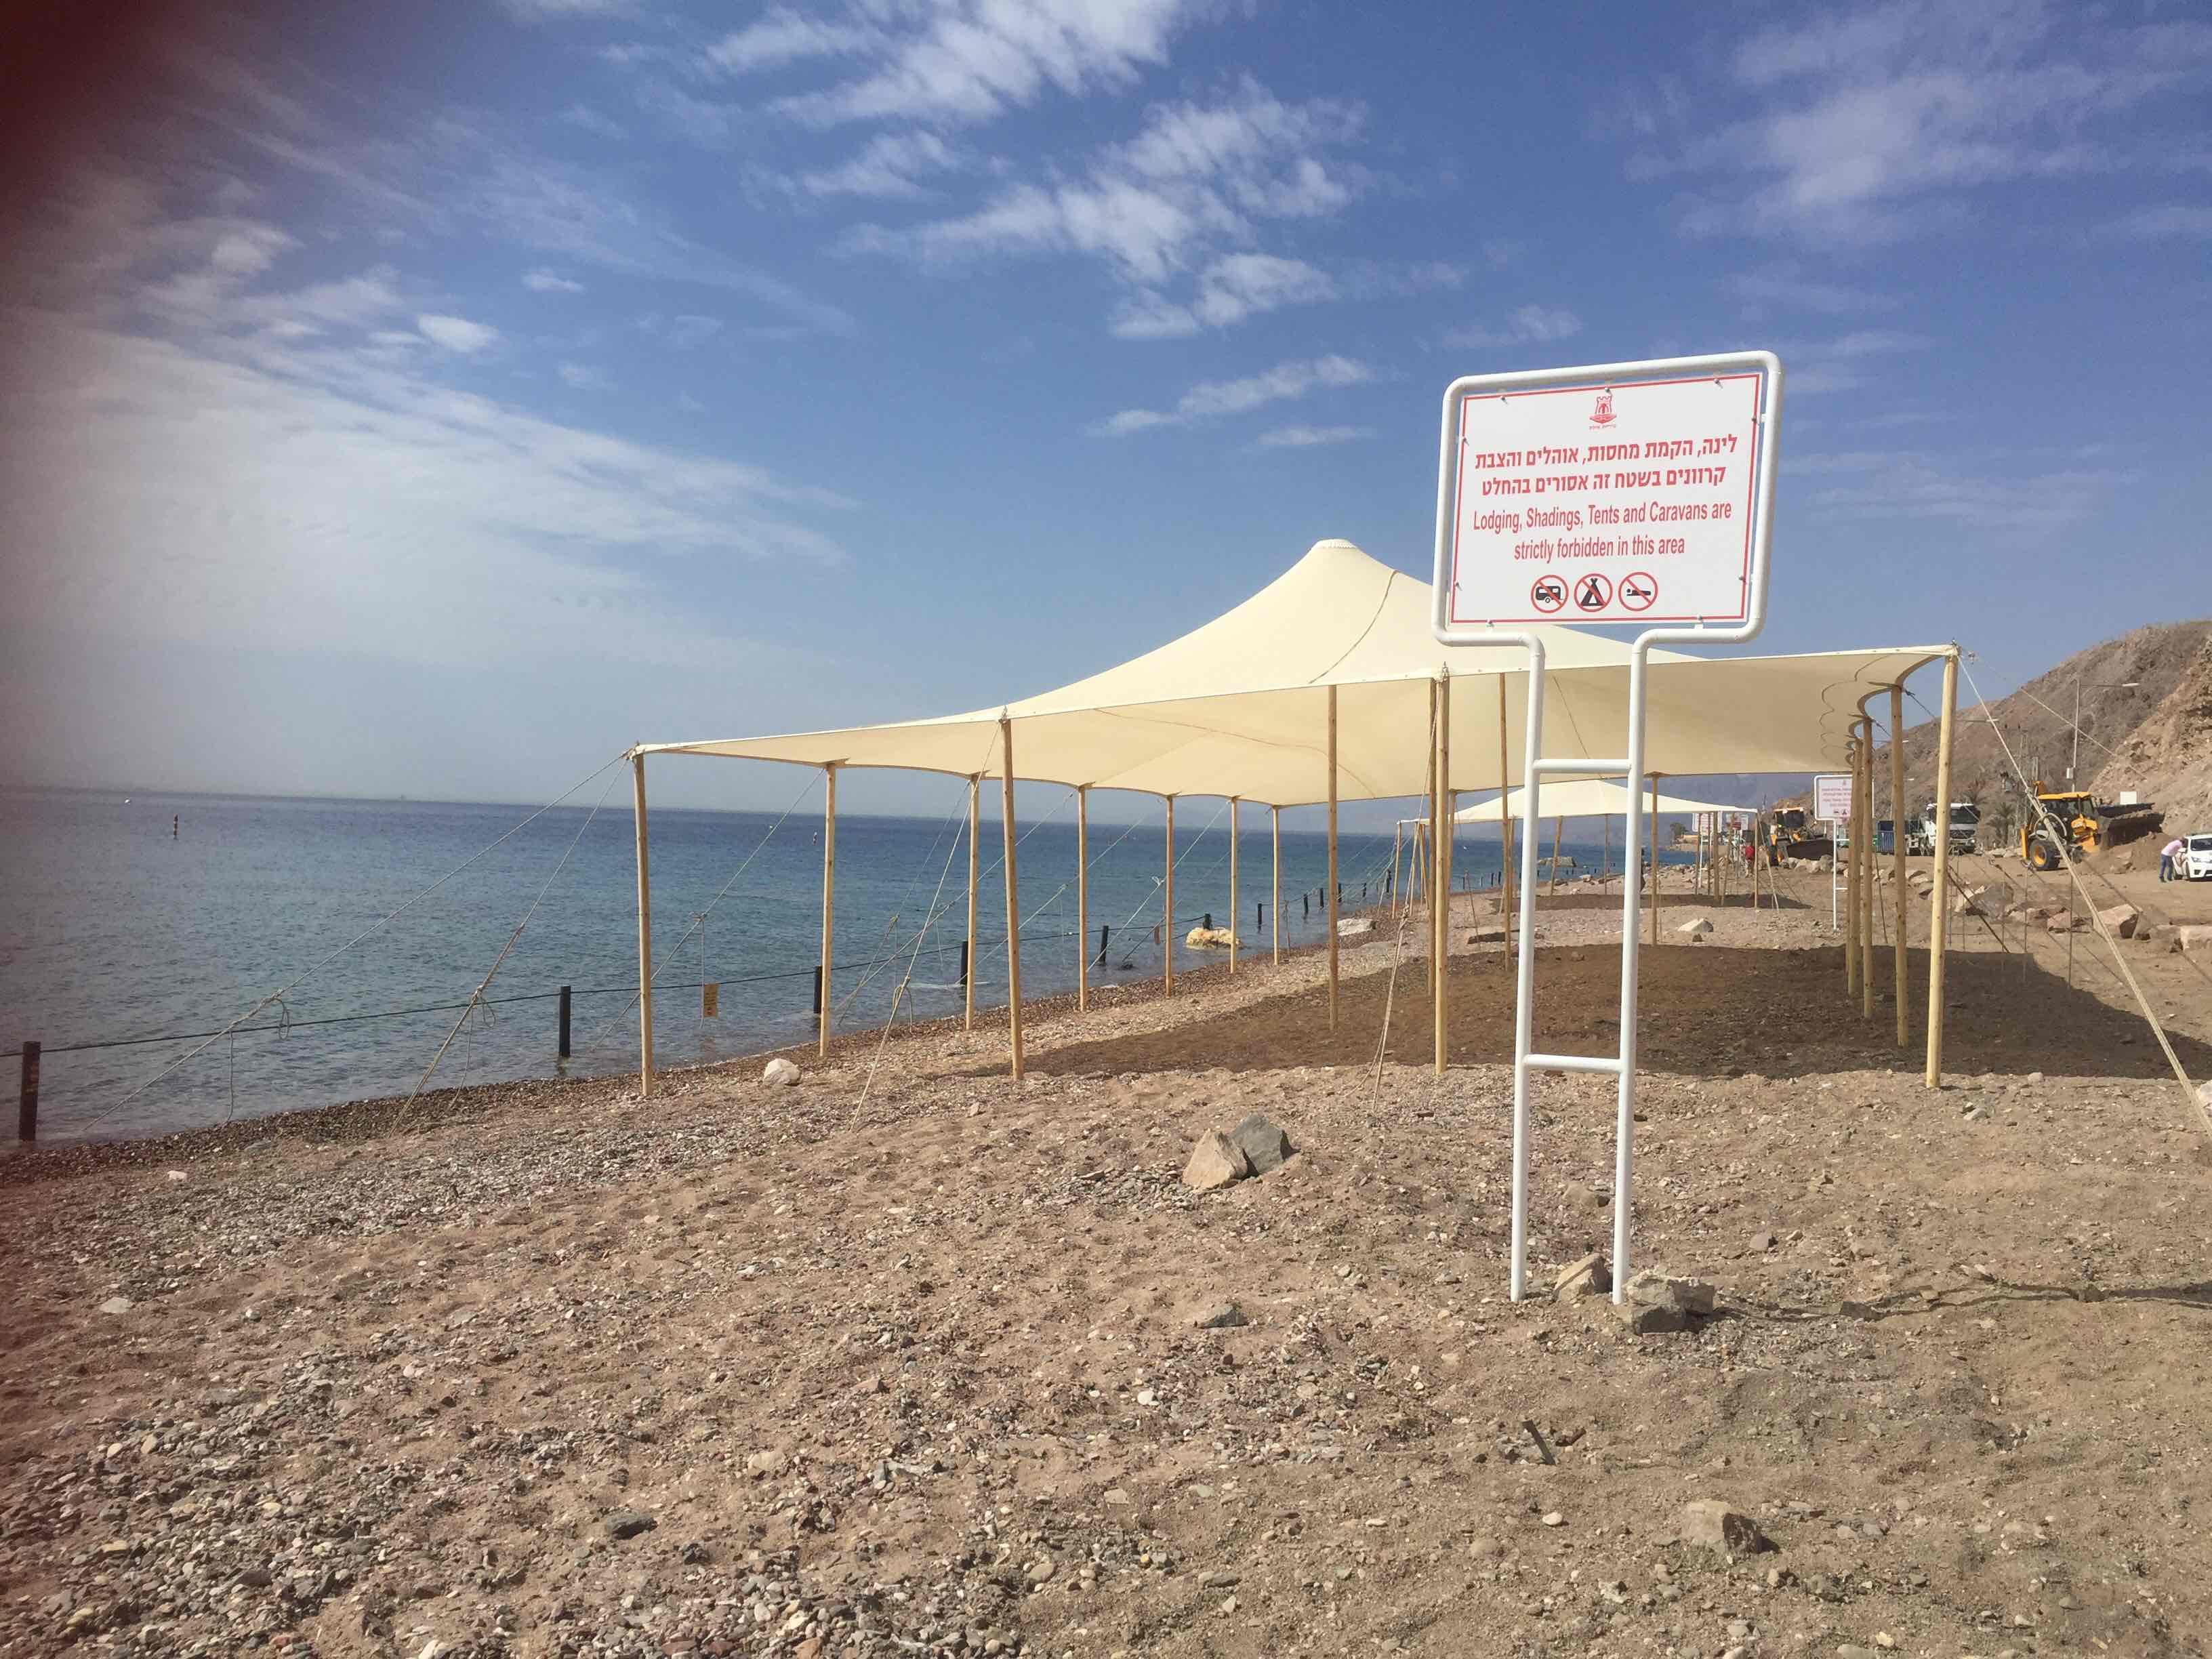 """בוא אלינו לים - 60% מהחופים הוגדרו כנקיים במדד """"חוף נקי..."""